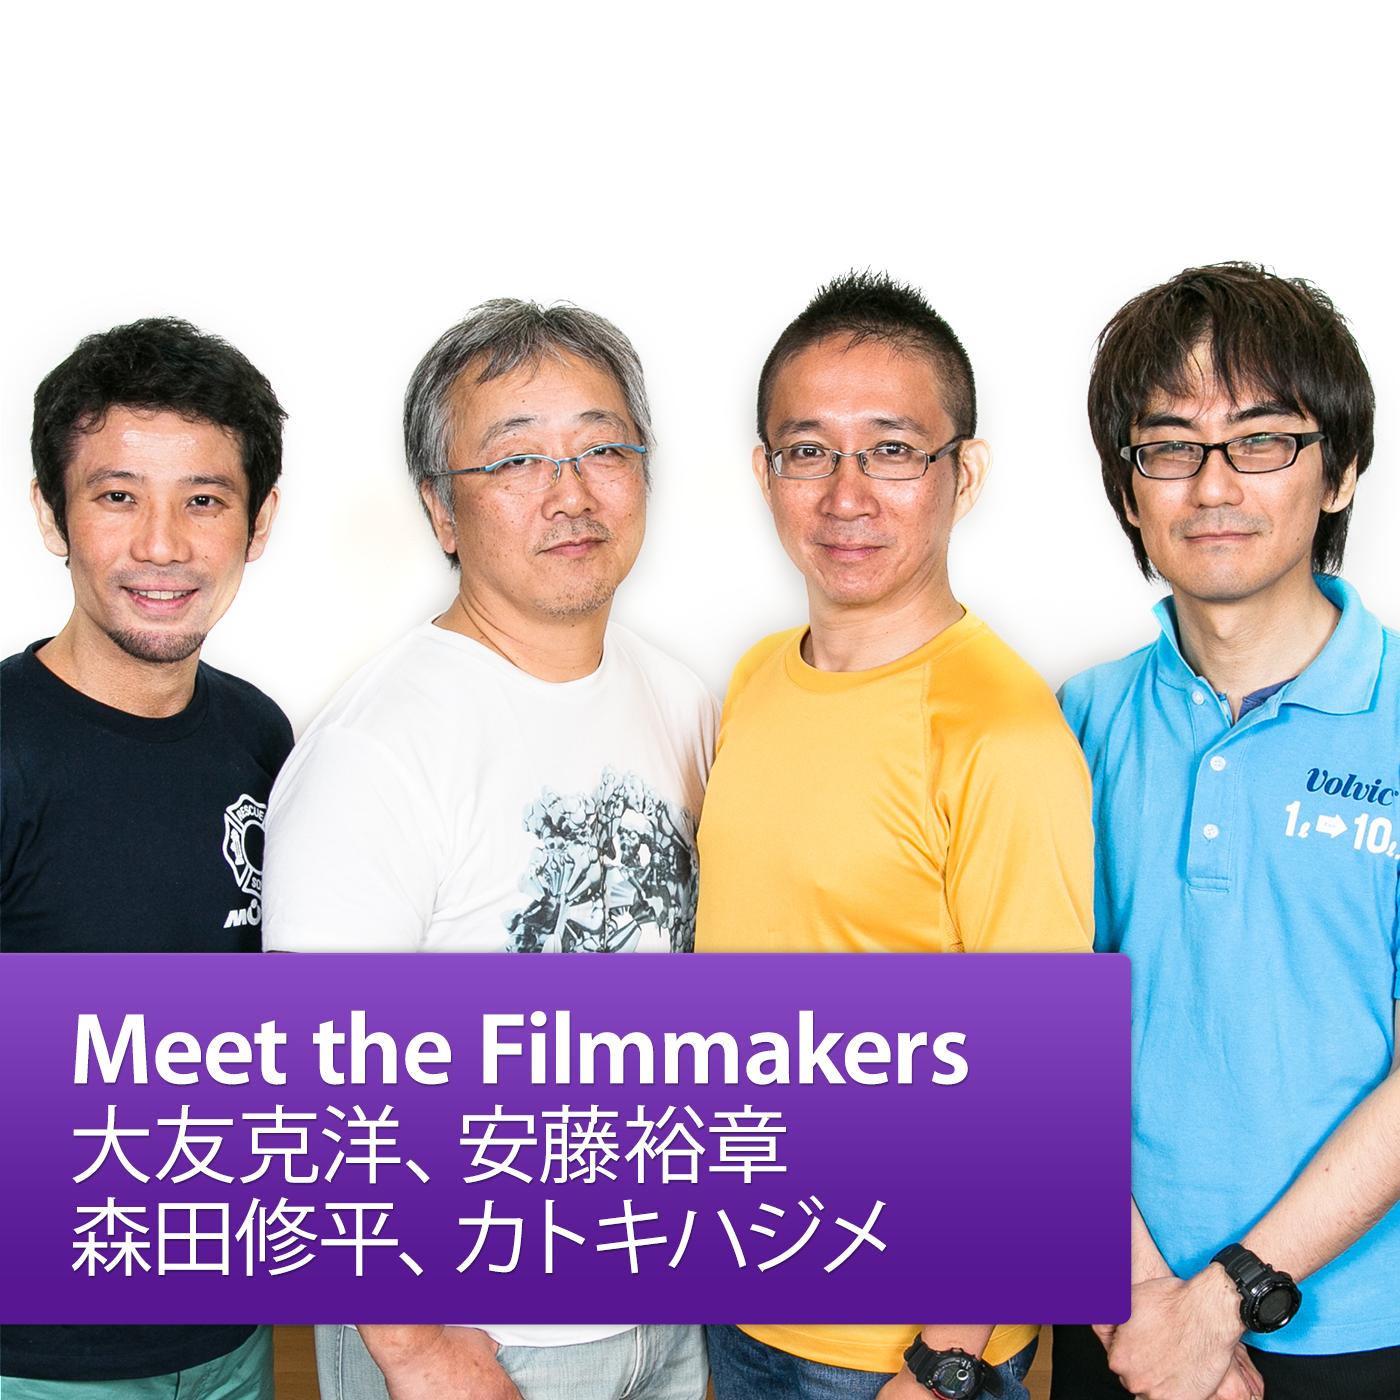 大友克洋、安藤裕章、森田修平、カトキハジメ: Meet the Filmmaker